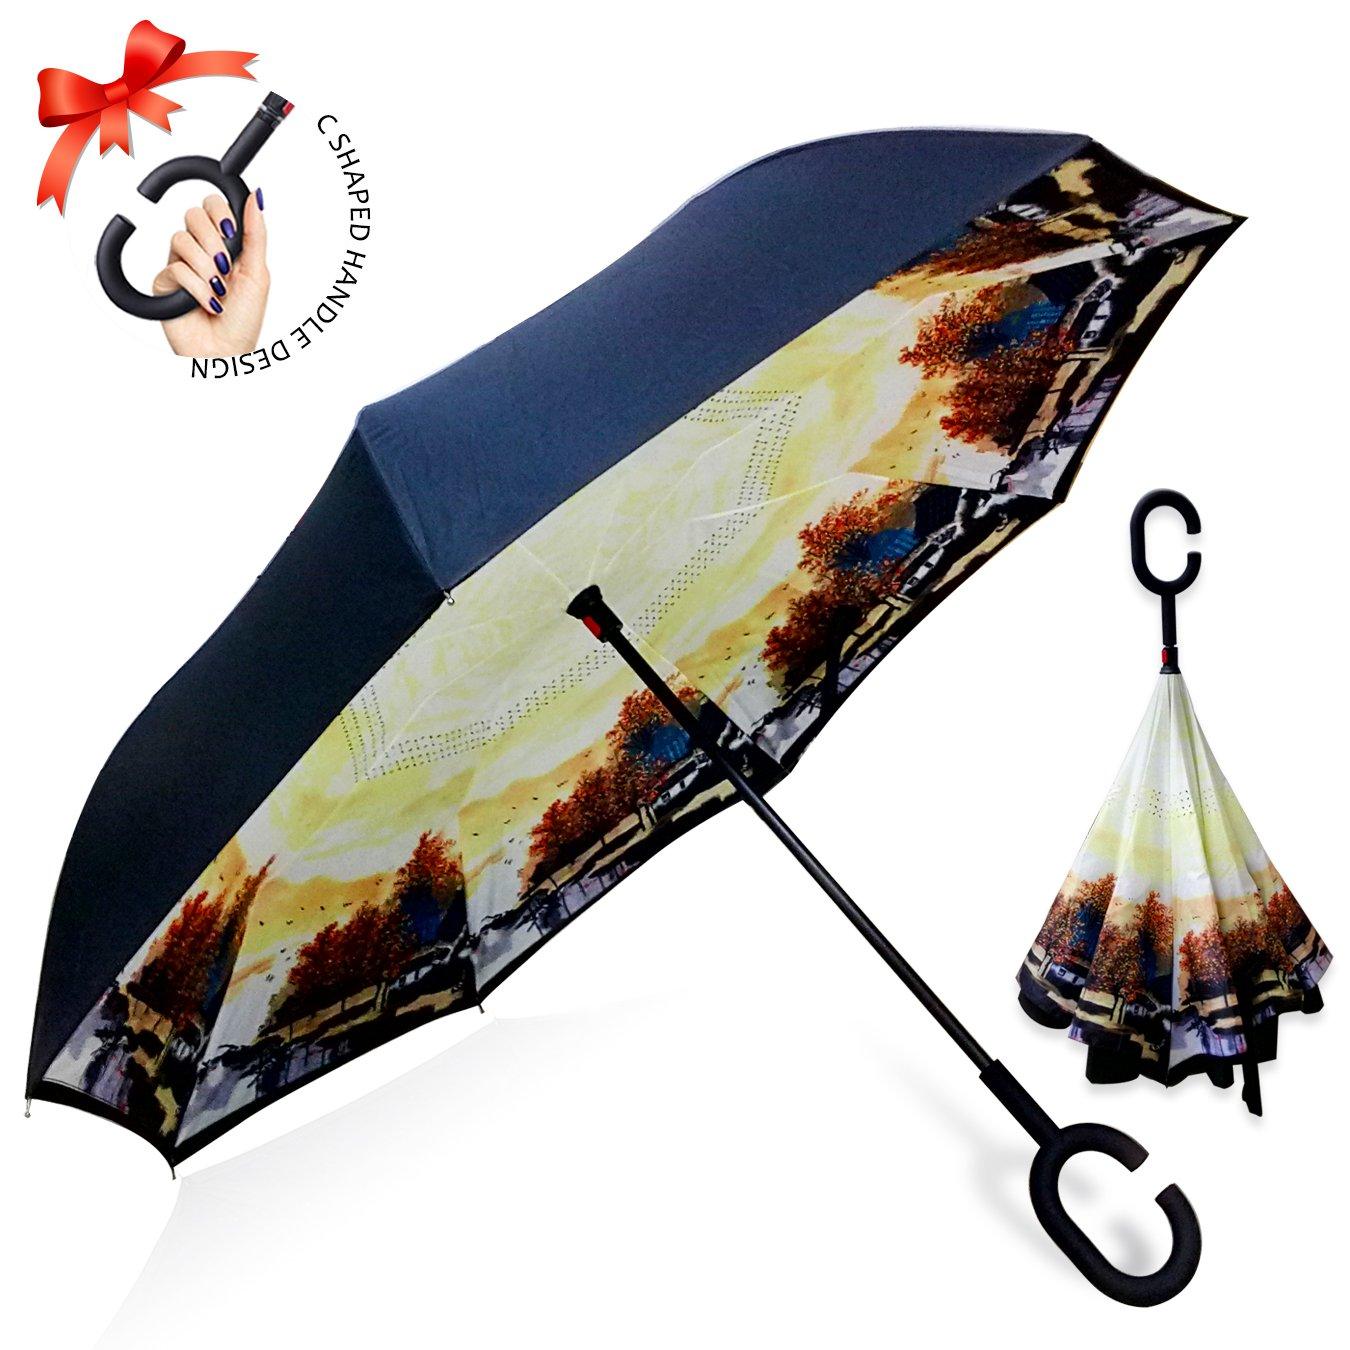 逆転傘 逆さ傘 逆折り式傘 自立傘 長傘 手離れC型手元 耐風 撥水加工 晴雨兼用 ビジネス用 車用 UVカット遮光遮熱 傘ケース付き B077N9L2TS 秋のメープル 秋のメープル